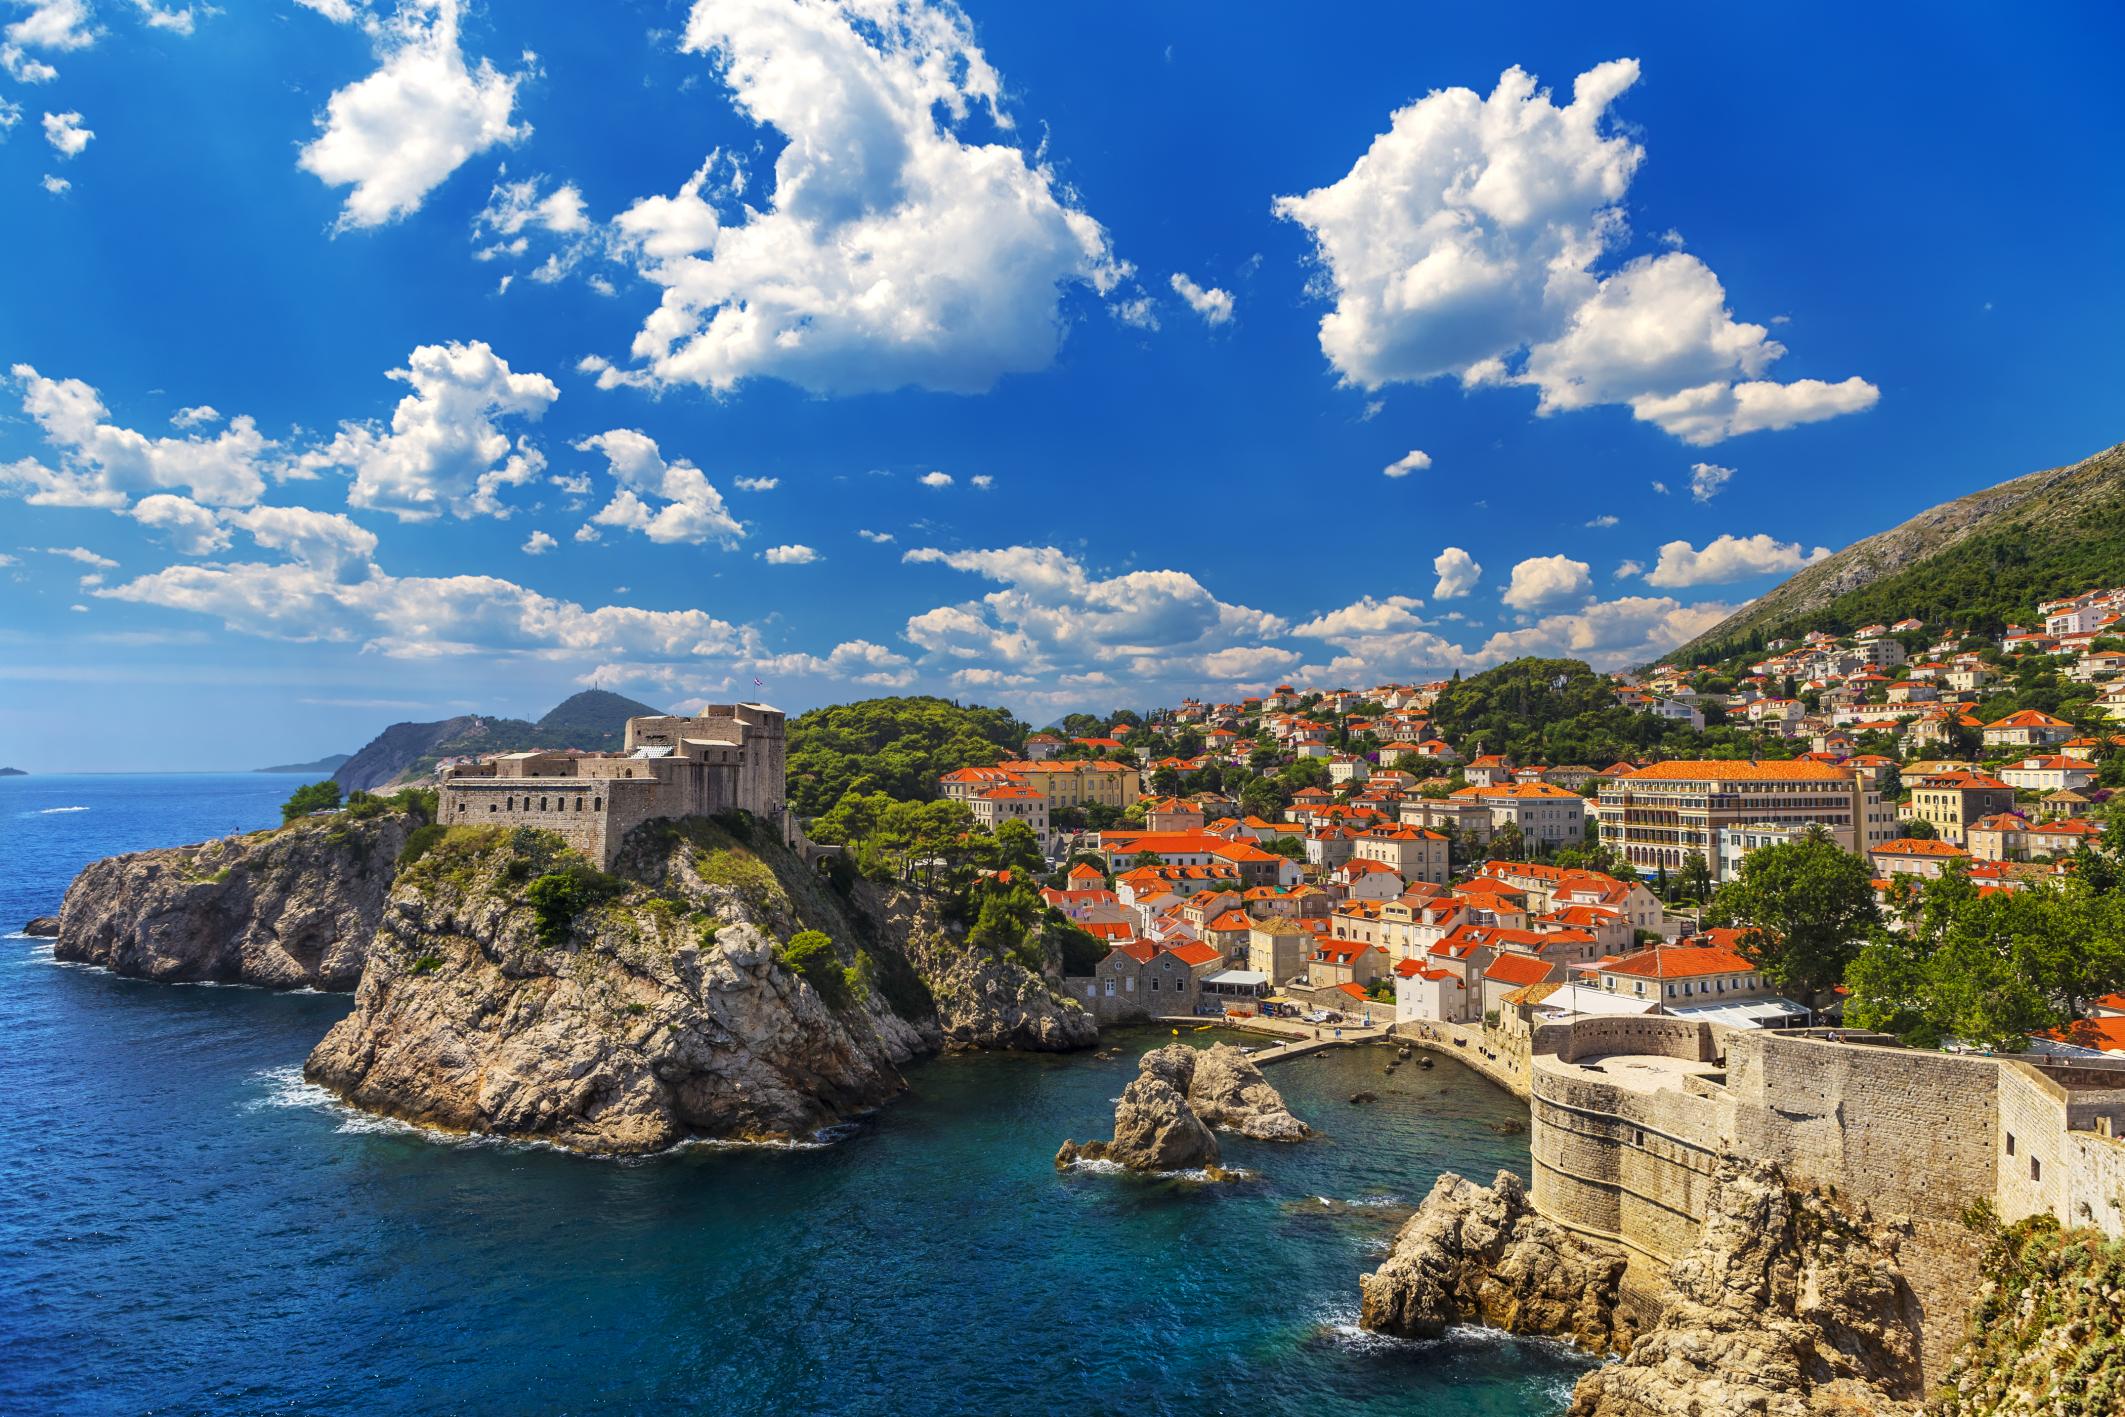 hvad hedder hovedstaden i kroatien